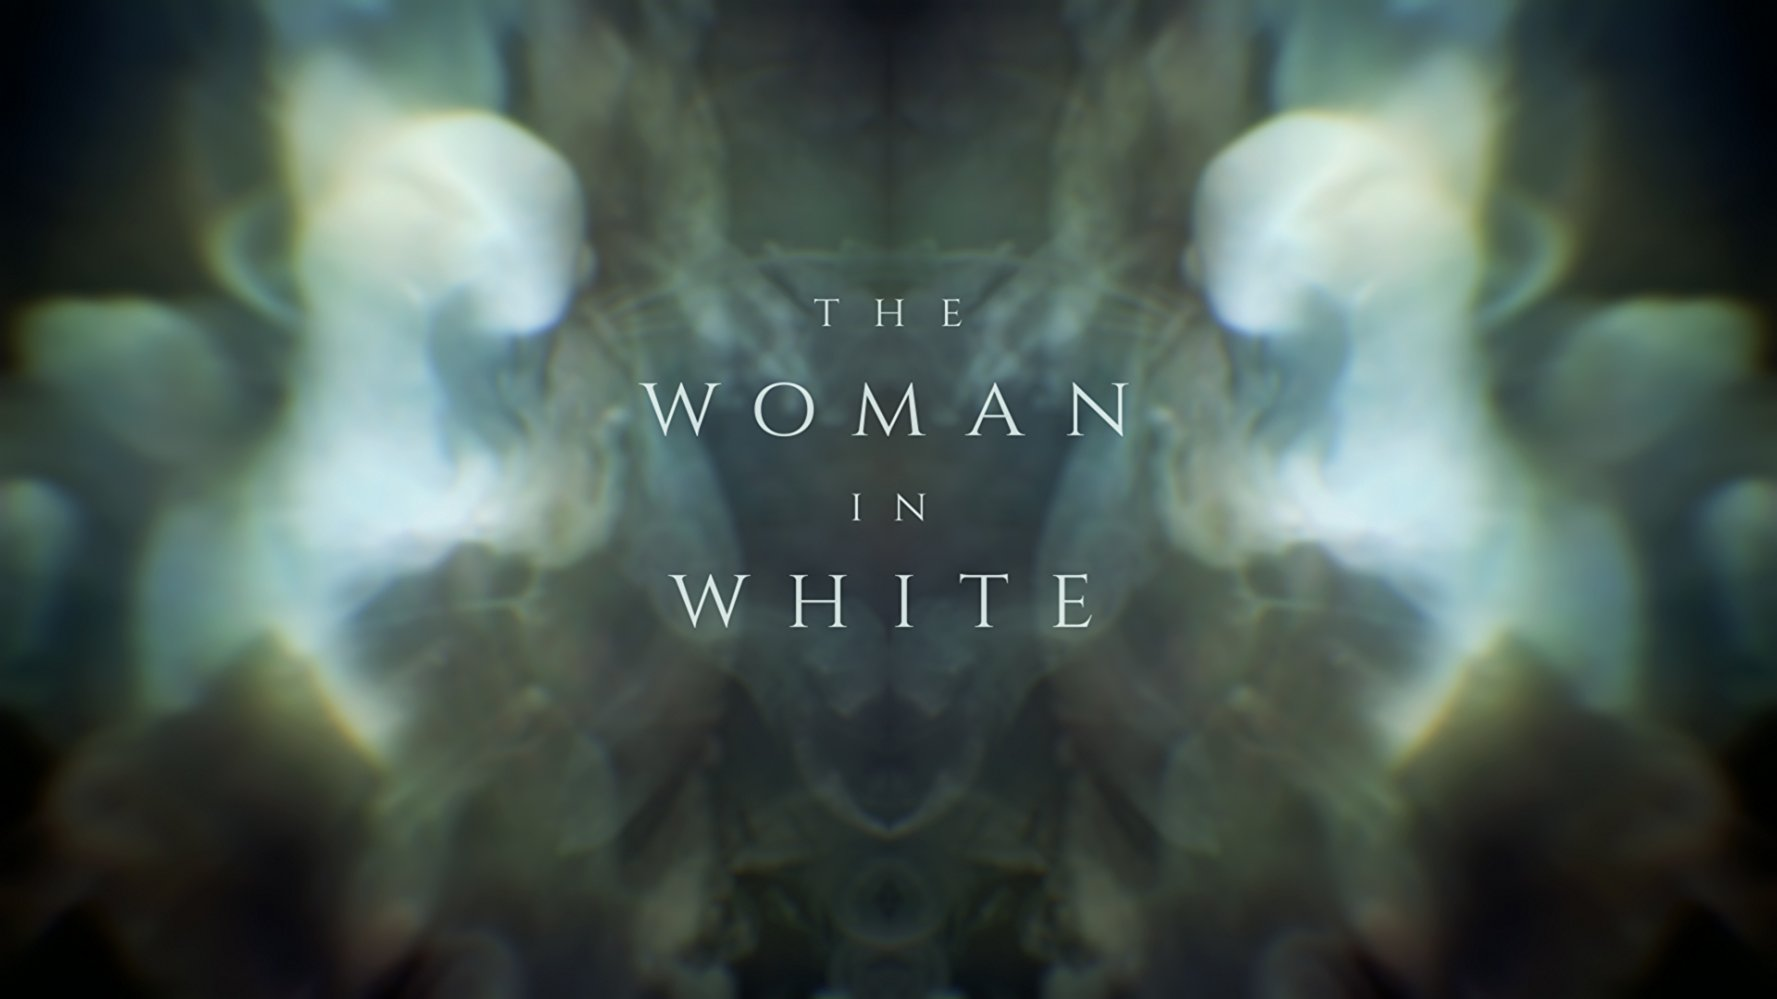 The Woman In White S01E02 HDTV x264-RiVER